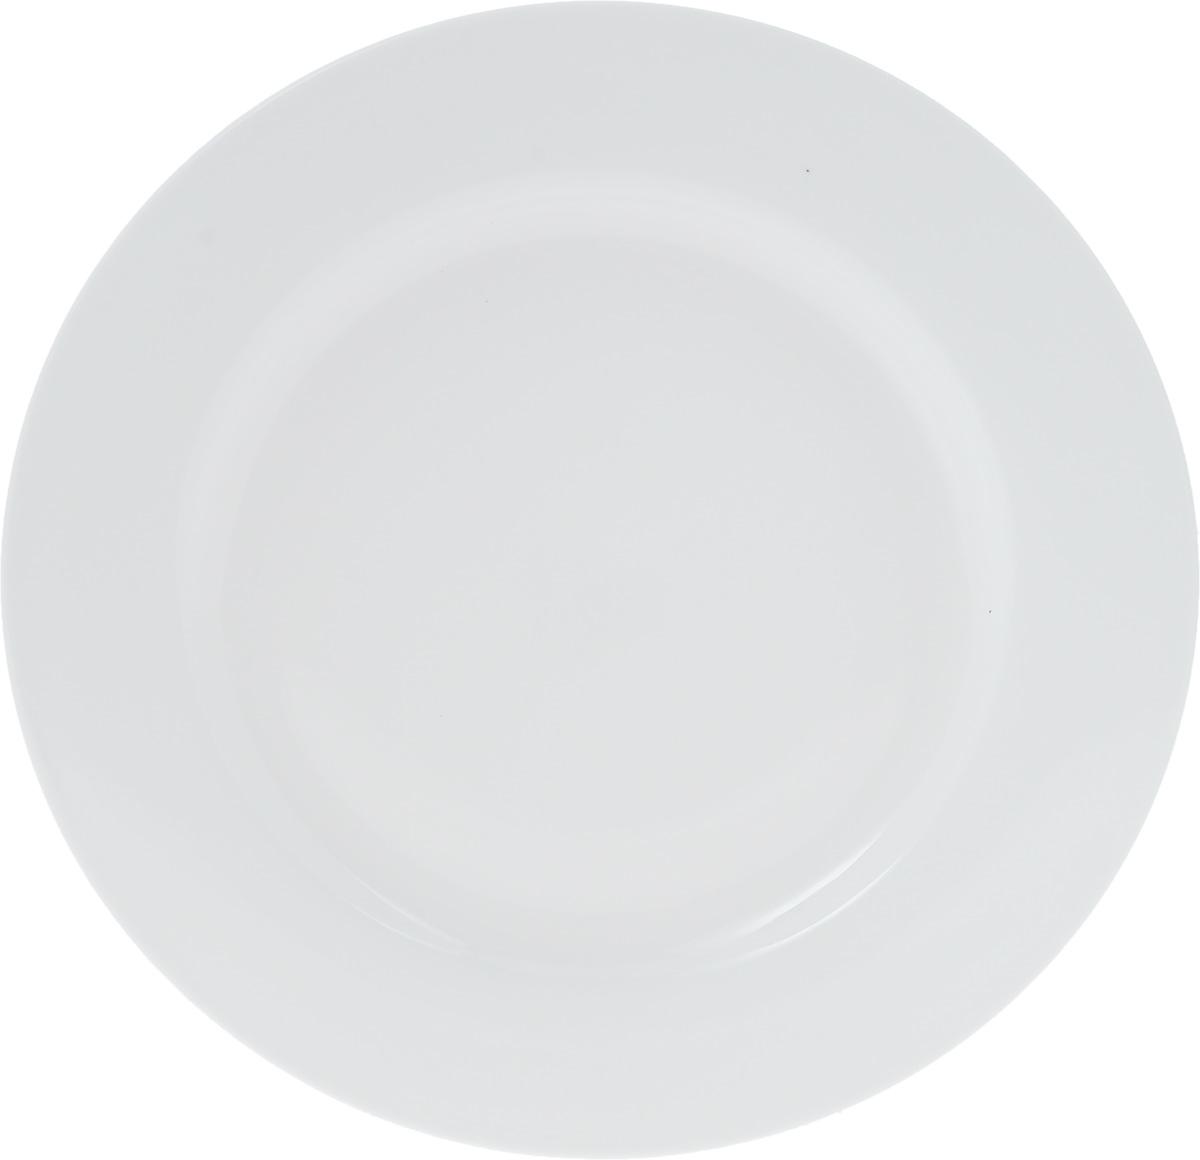 Тарелка Wilmax, диаметр 28 см. WL-991181 / A16580000Тарелка Wilmax, изготовленная из высококачественного фарфора, имеет классическую круглую форму. Оригинальный дизайн придется по вкусу и ценителям классики, и тем, кто предпочитает утонченность и изысканность. Тарелка Wilmax идеально подойдет для сервировки стола и станет отличным подарком к любому празднику.